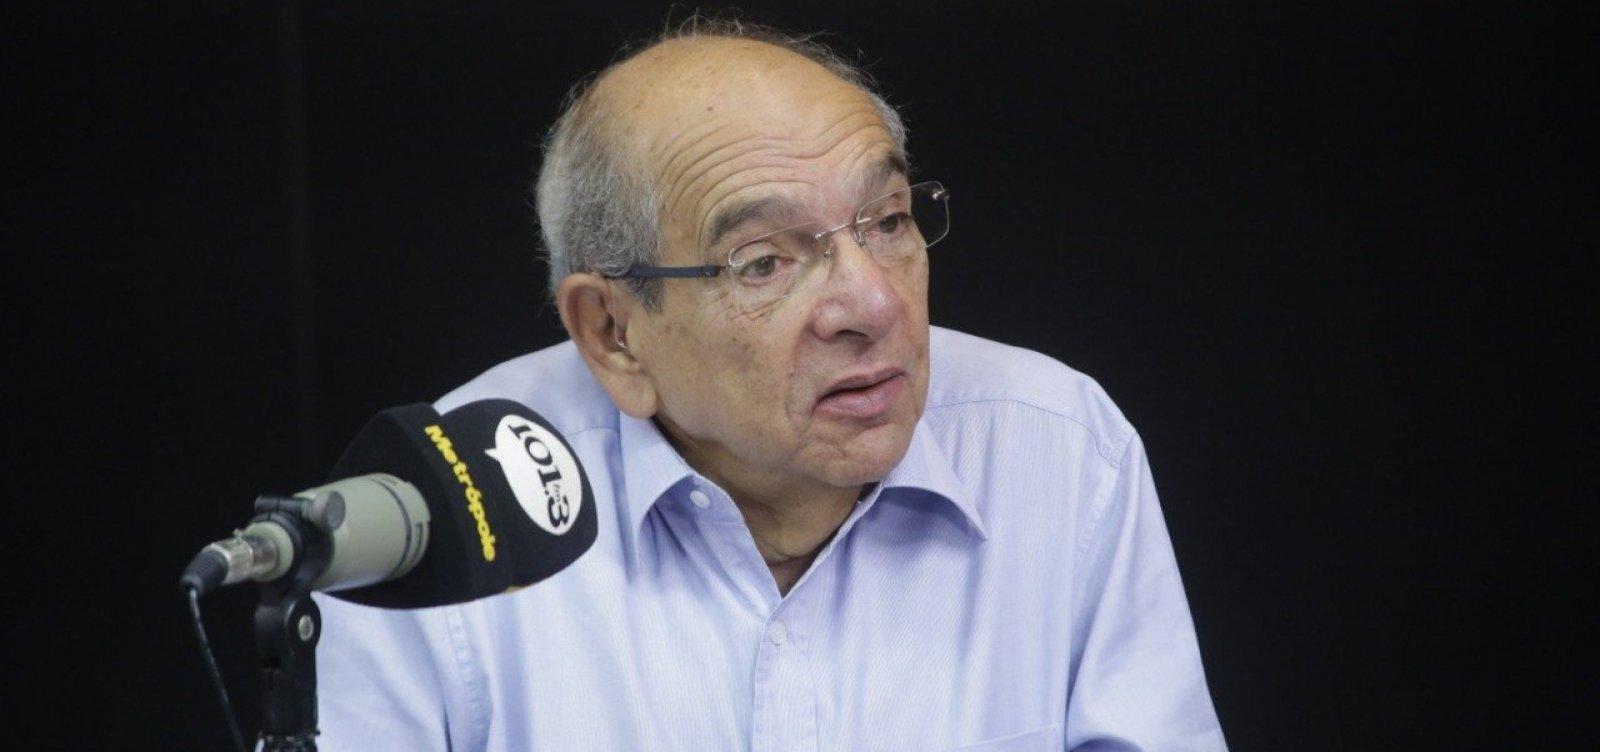 [MK critica relatório de Bolsonaro sobre Covid-19: 'Coloca os governadores como responsáveis']